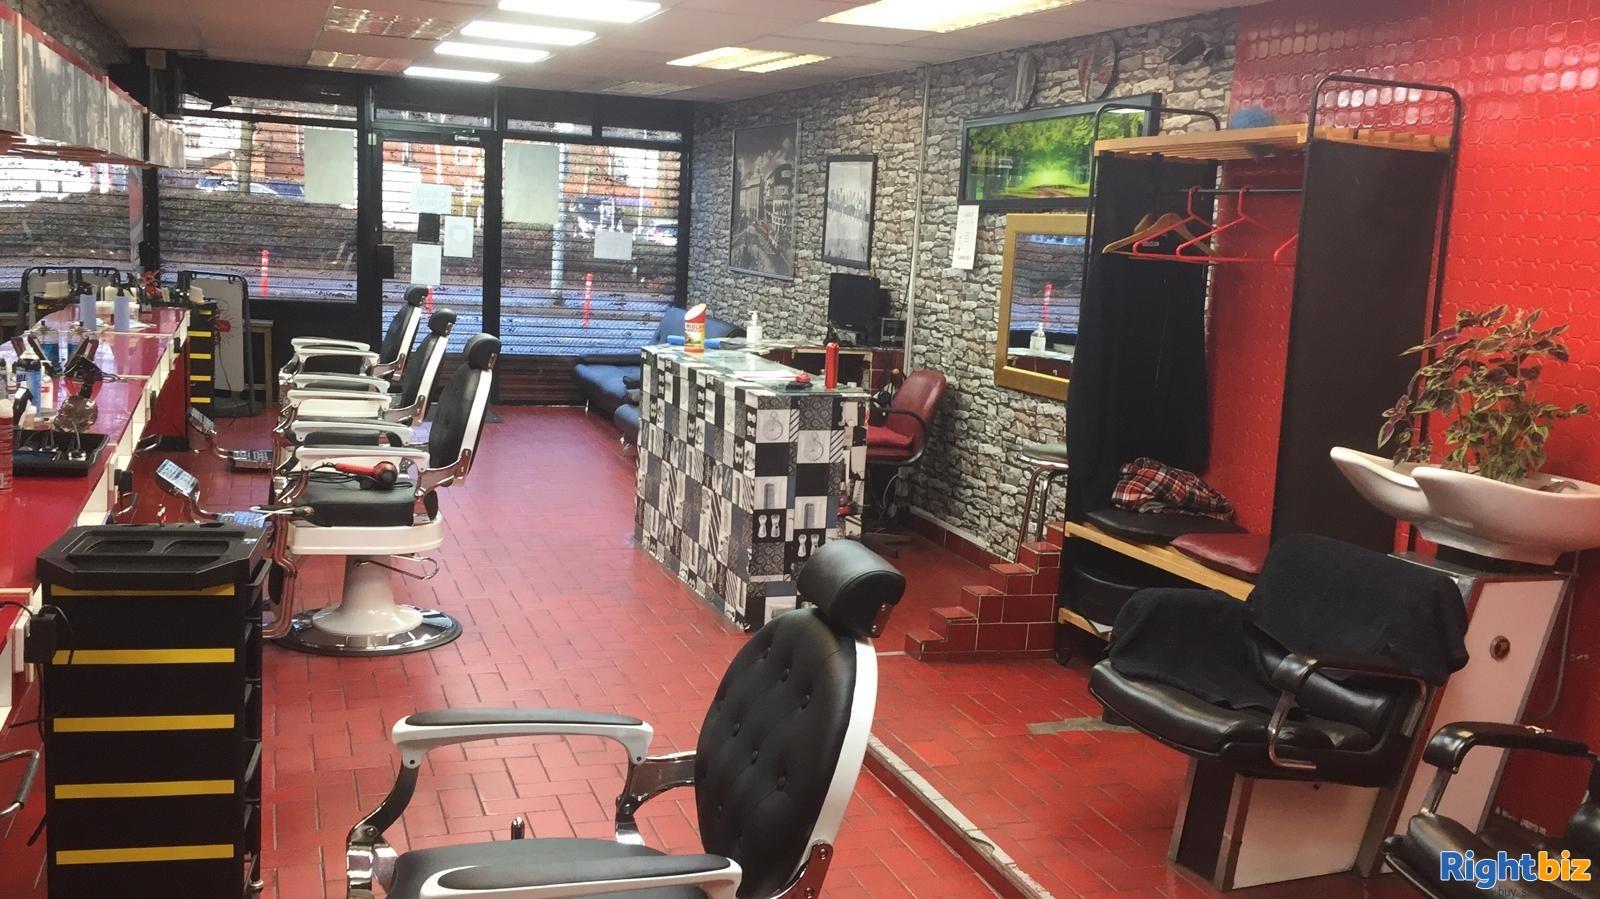 Well Established Barber Shop Business For Sale in Birmingham - Image 5